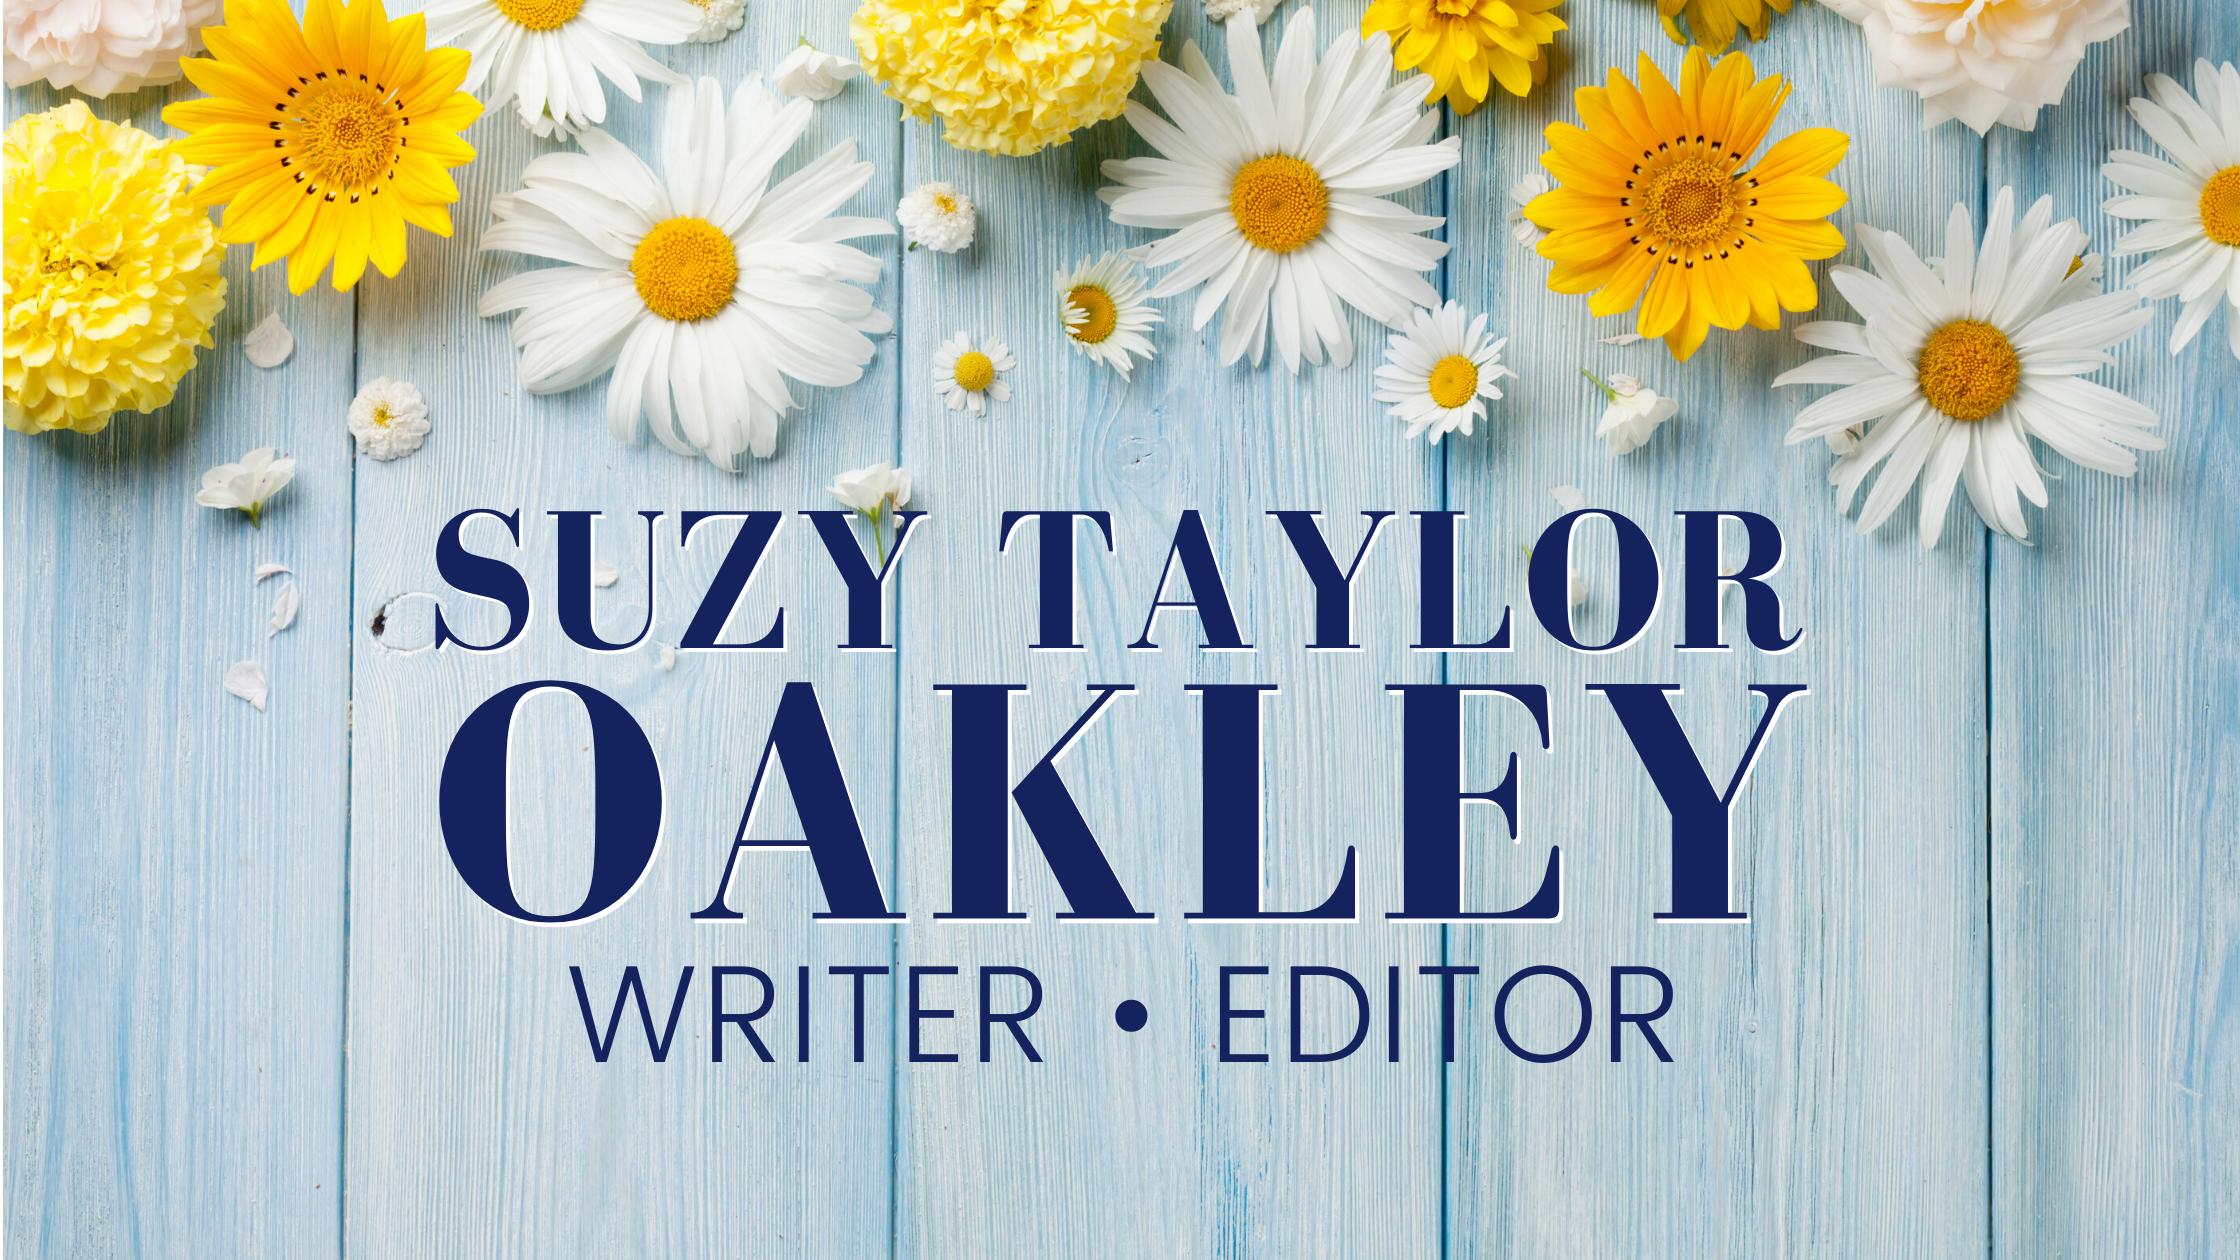 Suzy Taylor Oakley • writer editor